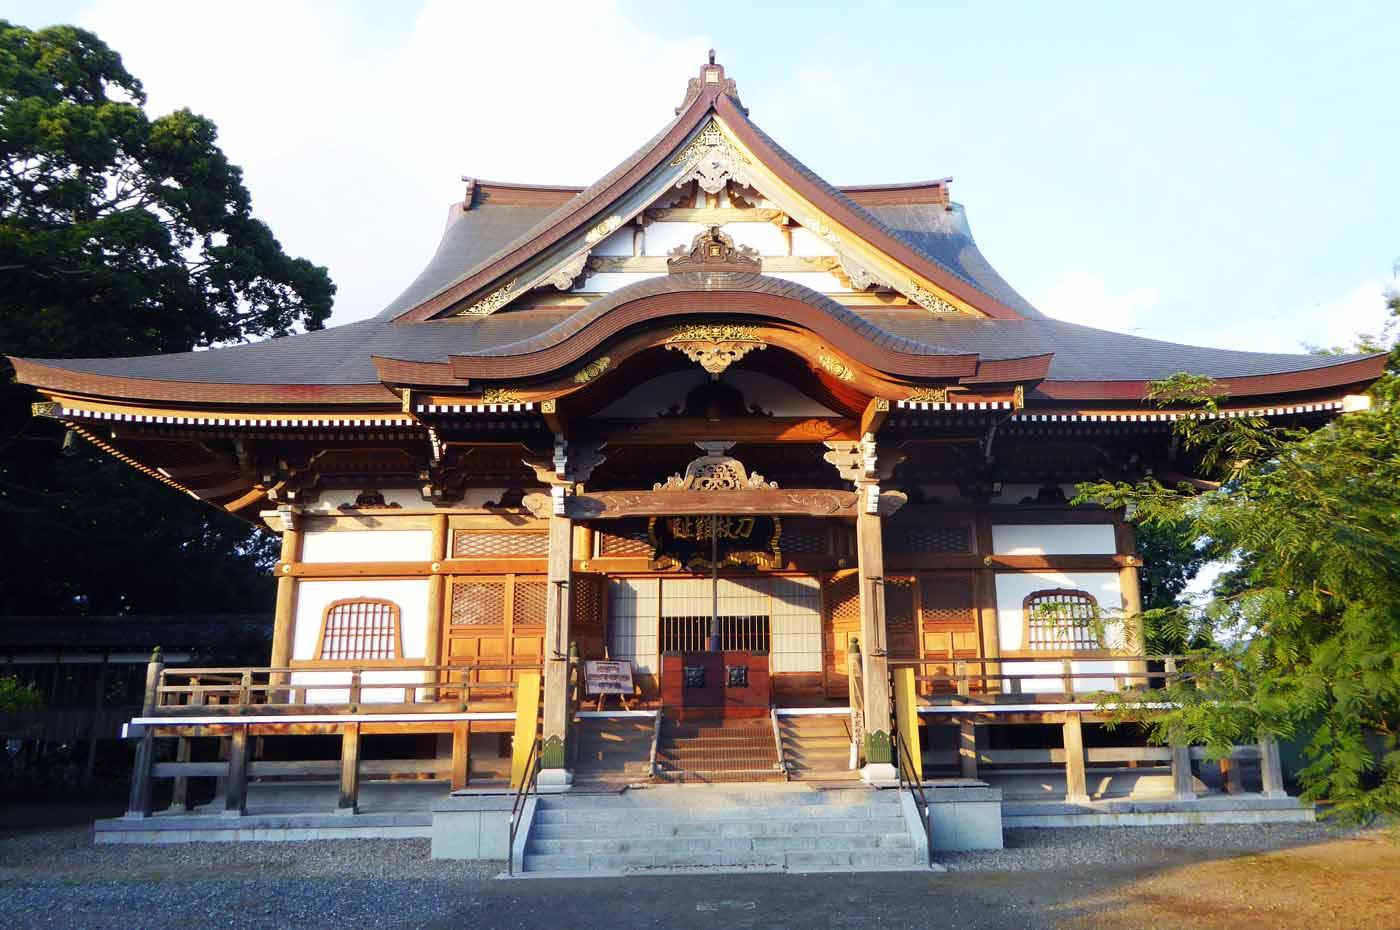 鏡忍寺の祖師堂